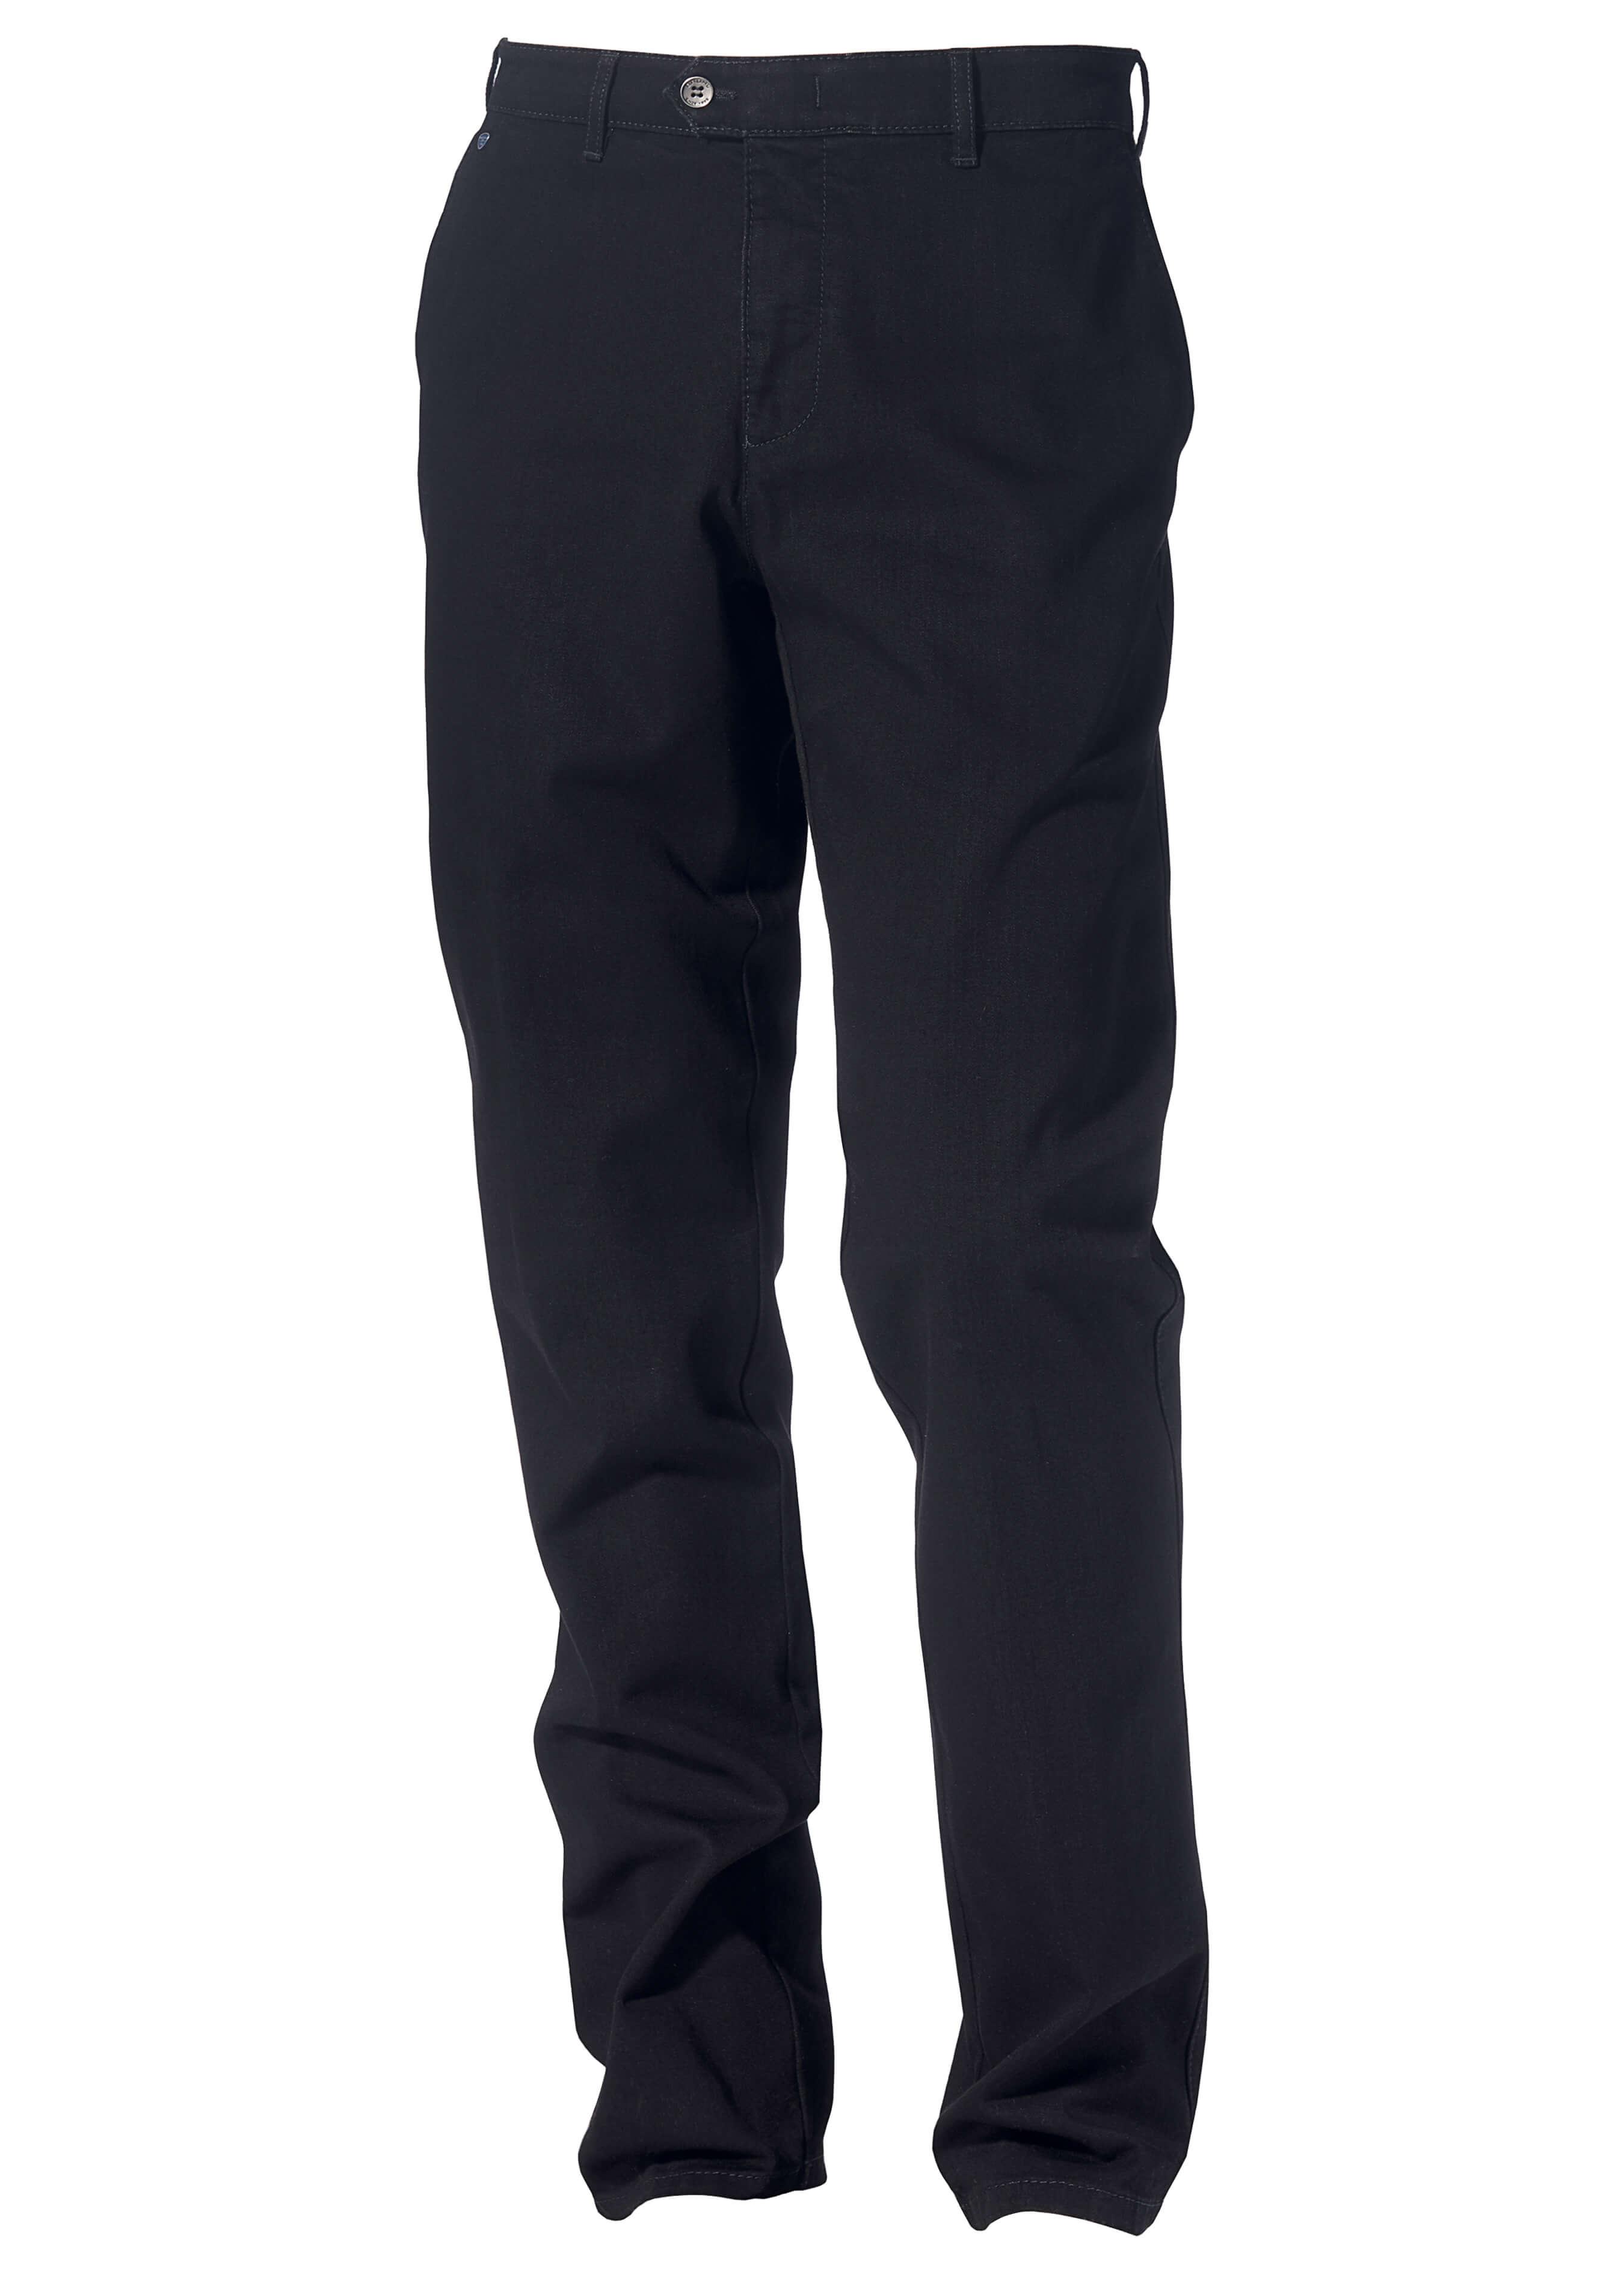 pantalon élastique ceinture basse 26761042 1